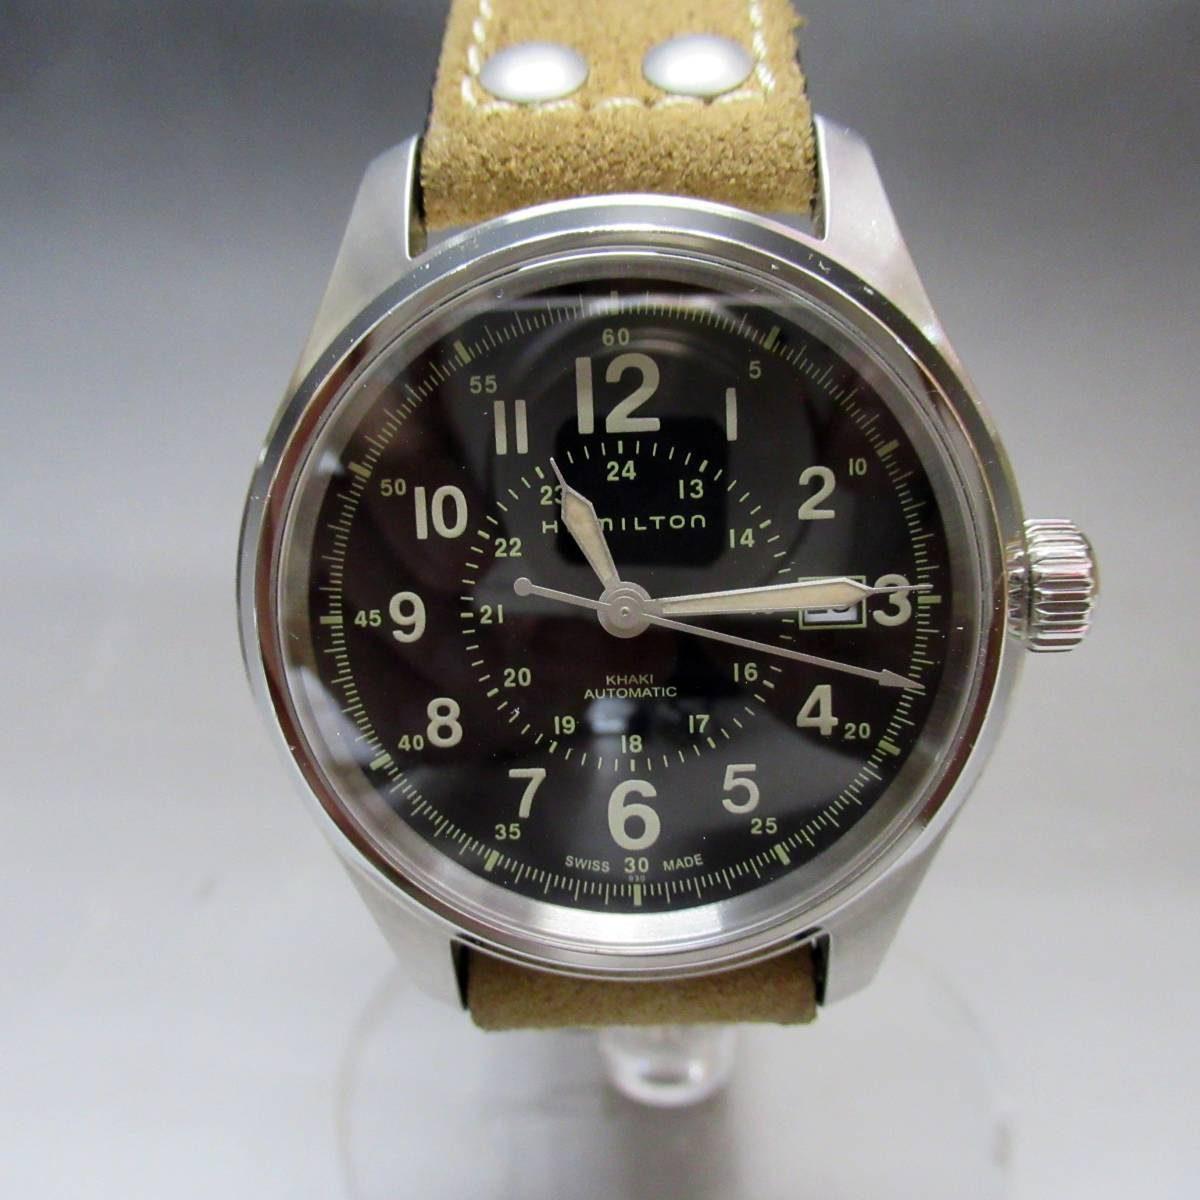 ブランド ハミルトン カーキ フィールド HAMILTON KHAKI Field H705950 自動巻 AT 腕時計の買取